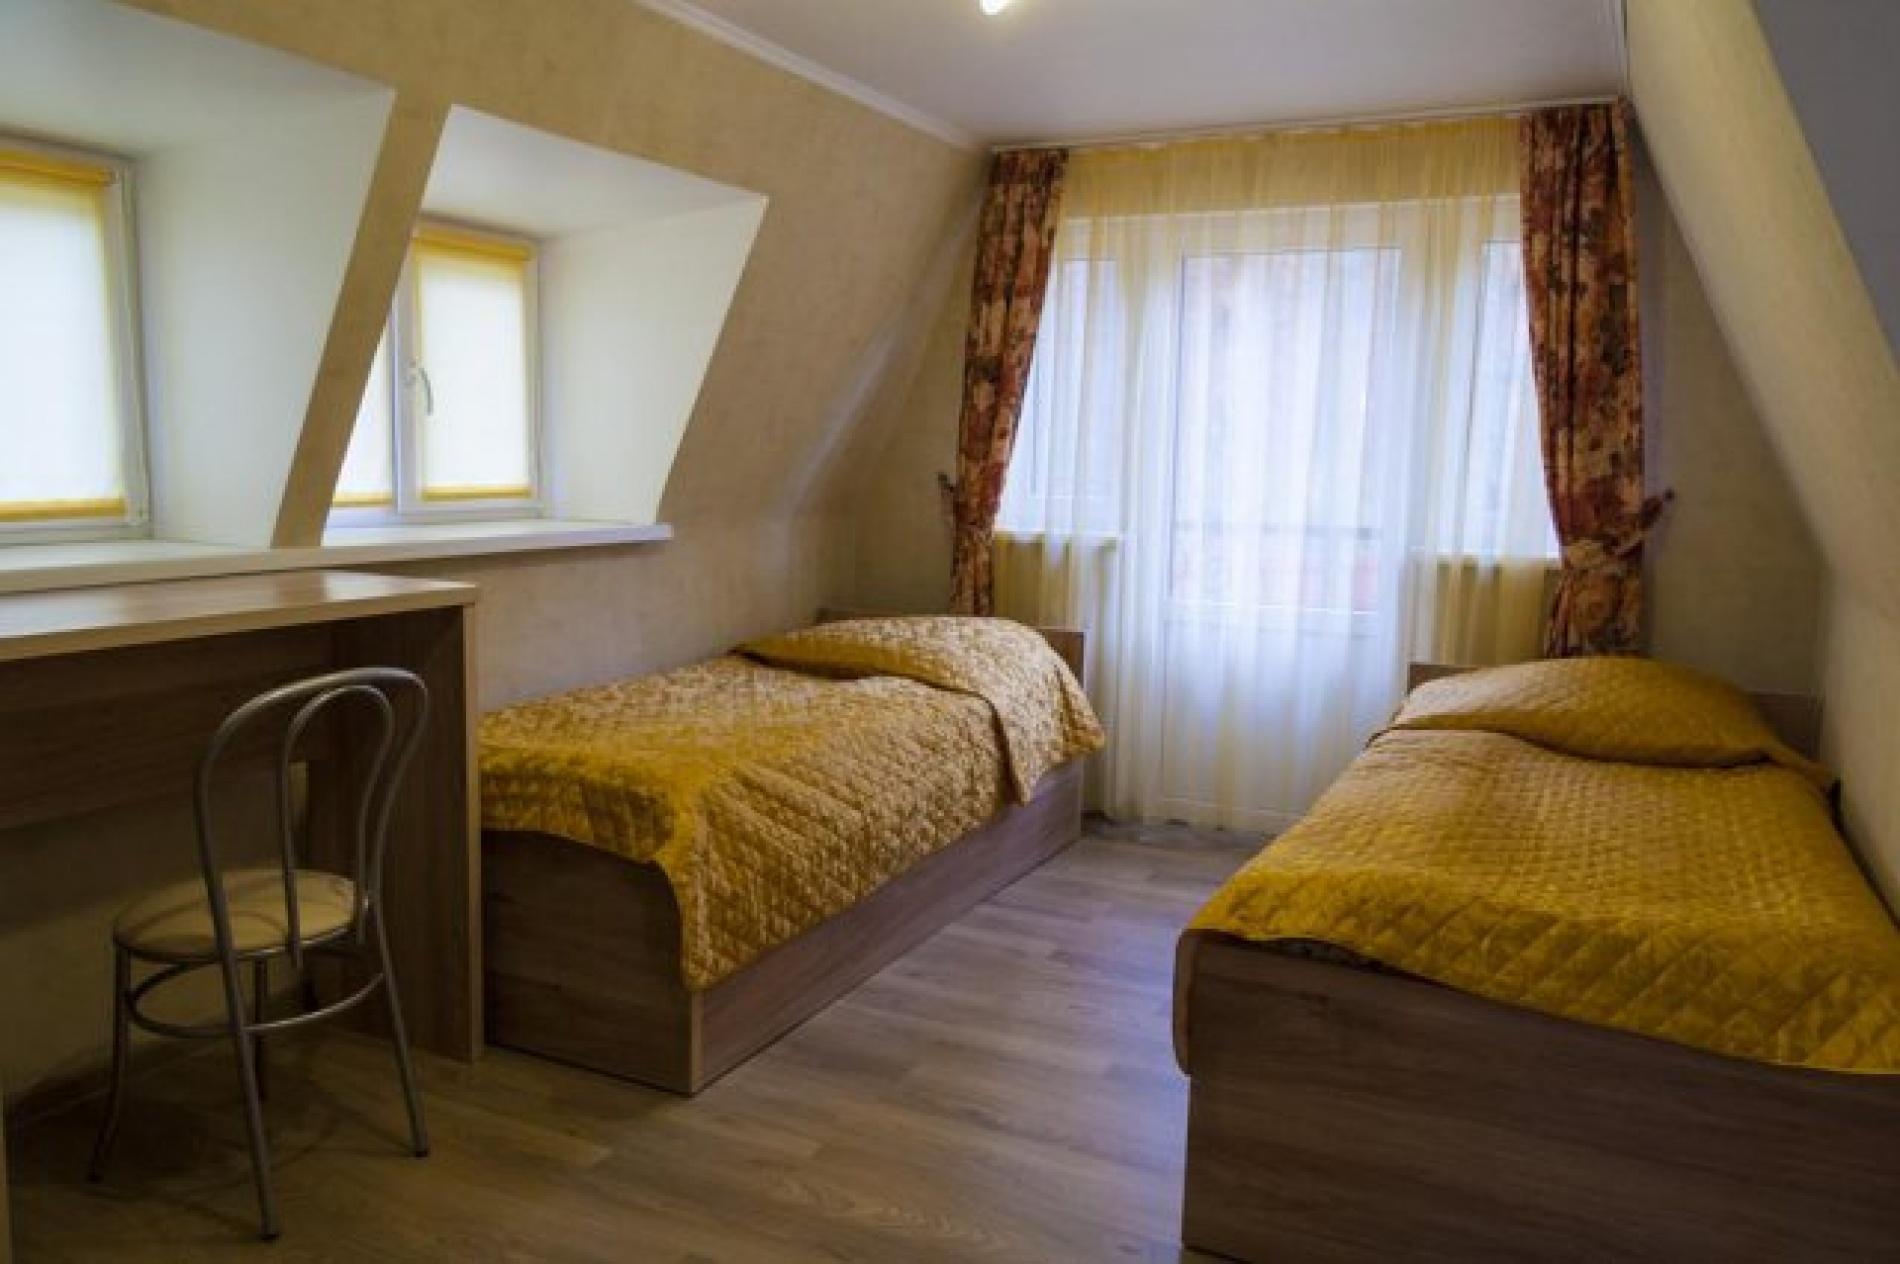 База отдыха «Стёпаново» Вологодская область 4-местный номер в Доме № 3, фото 2